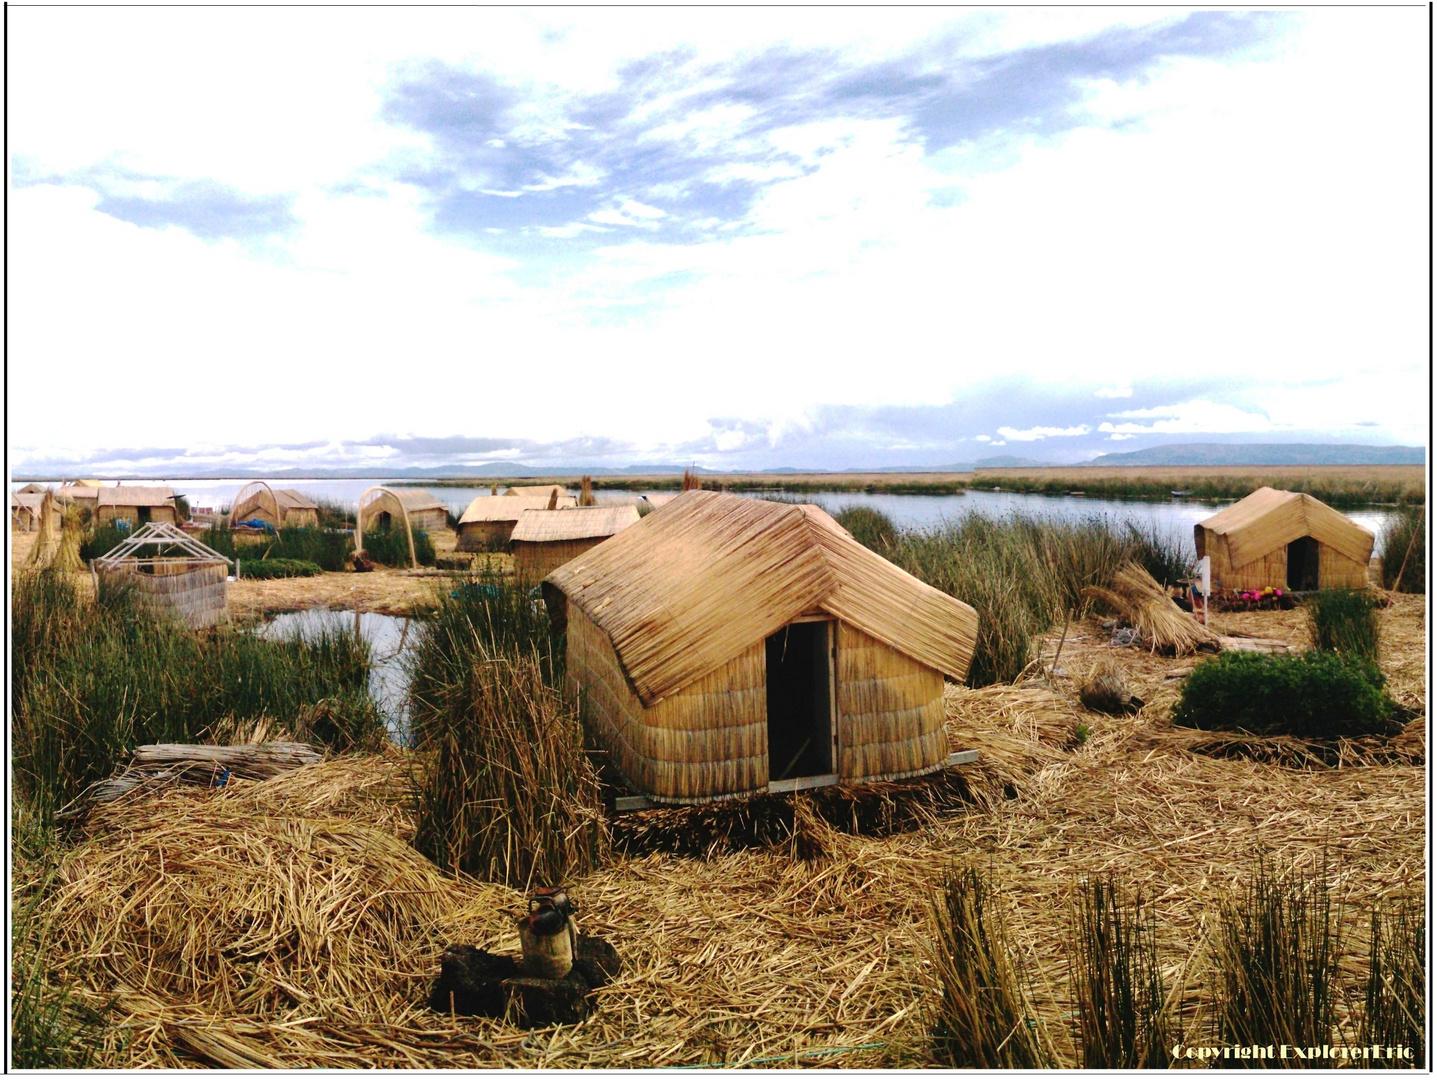 Titicaca-See mit den schwimmenden Inseln